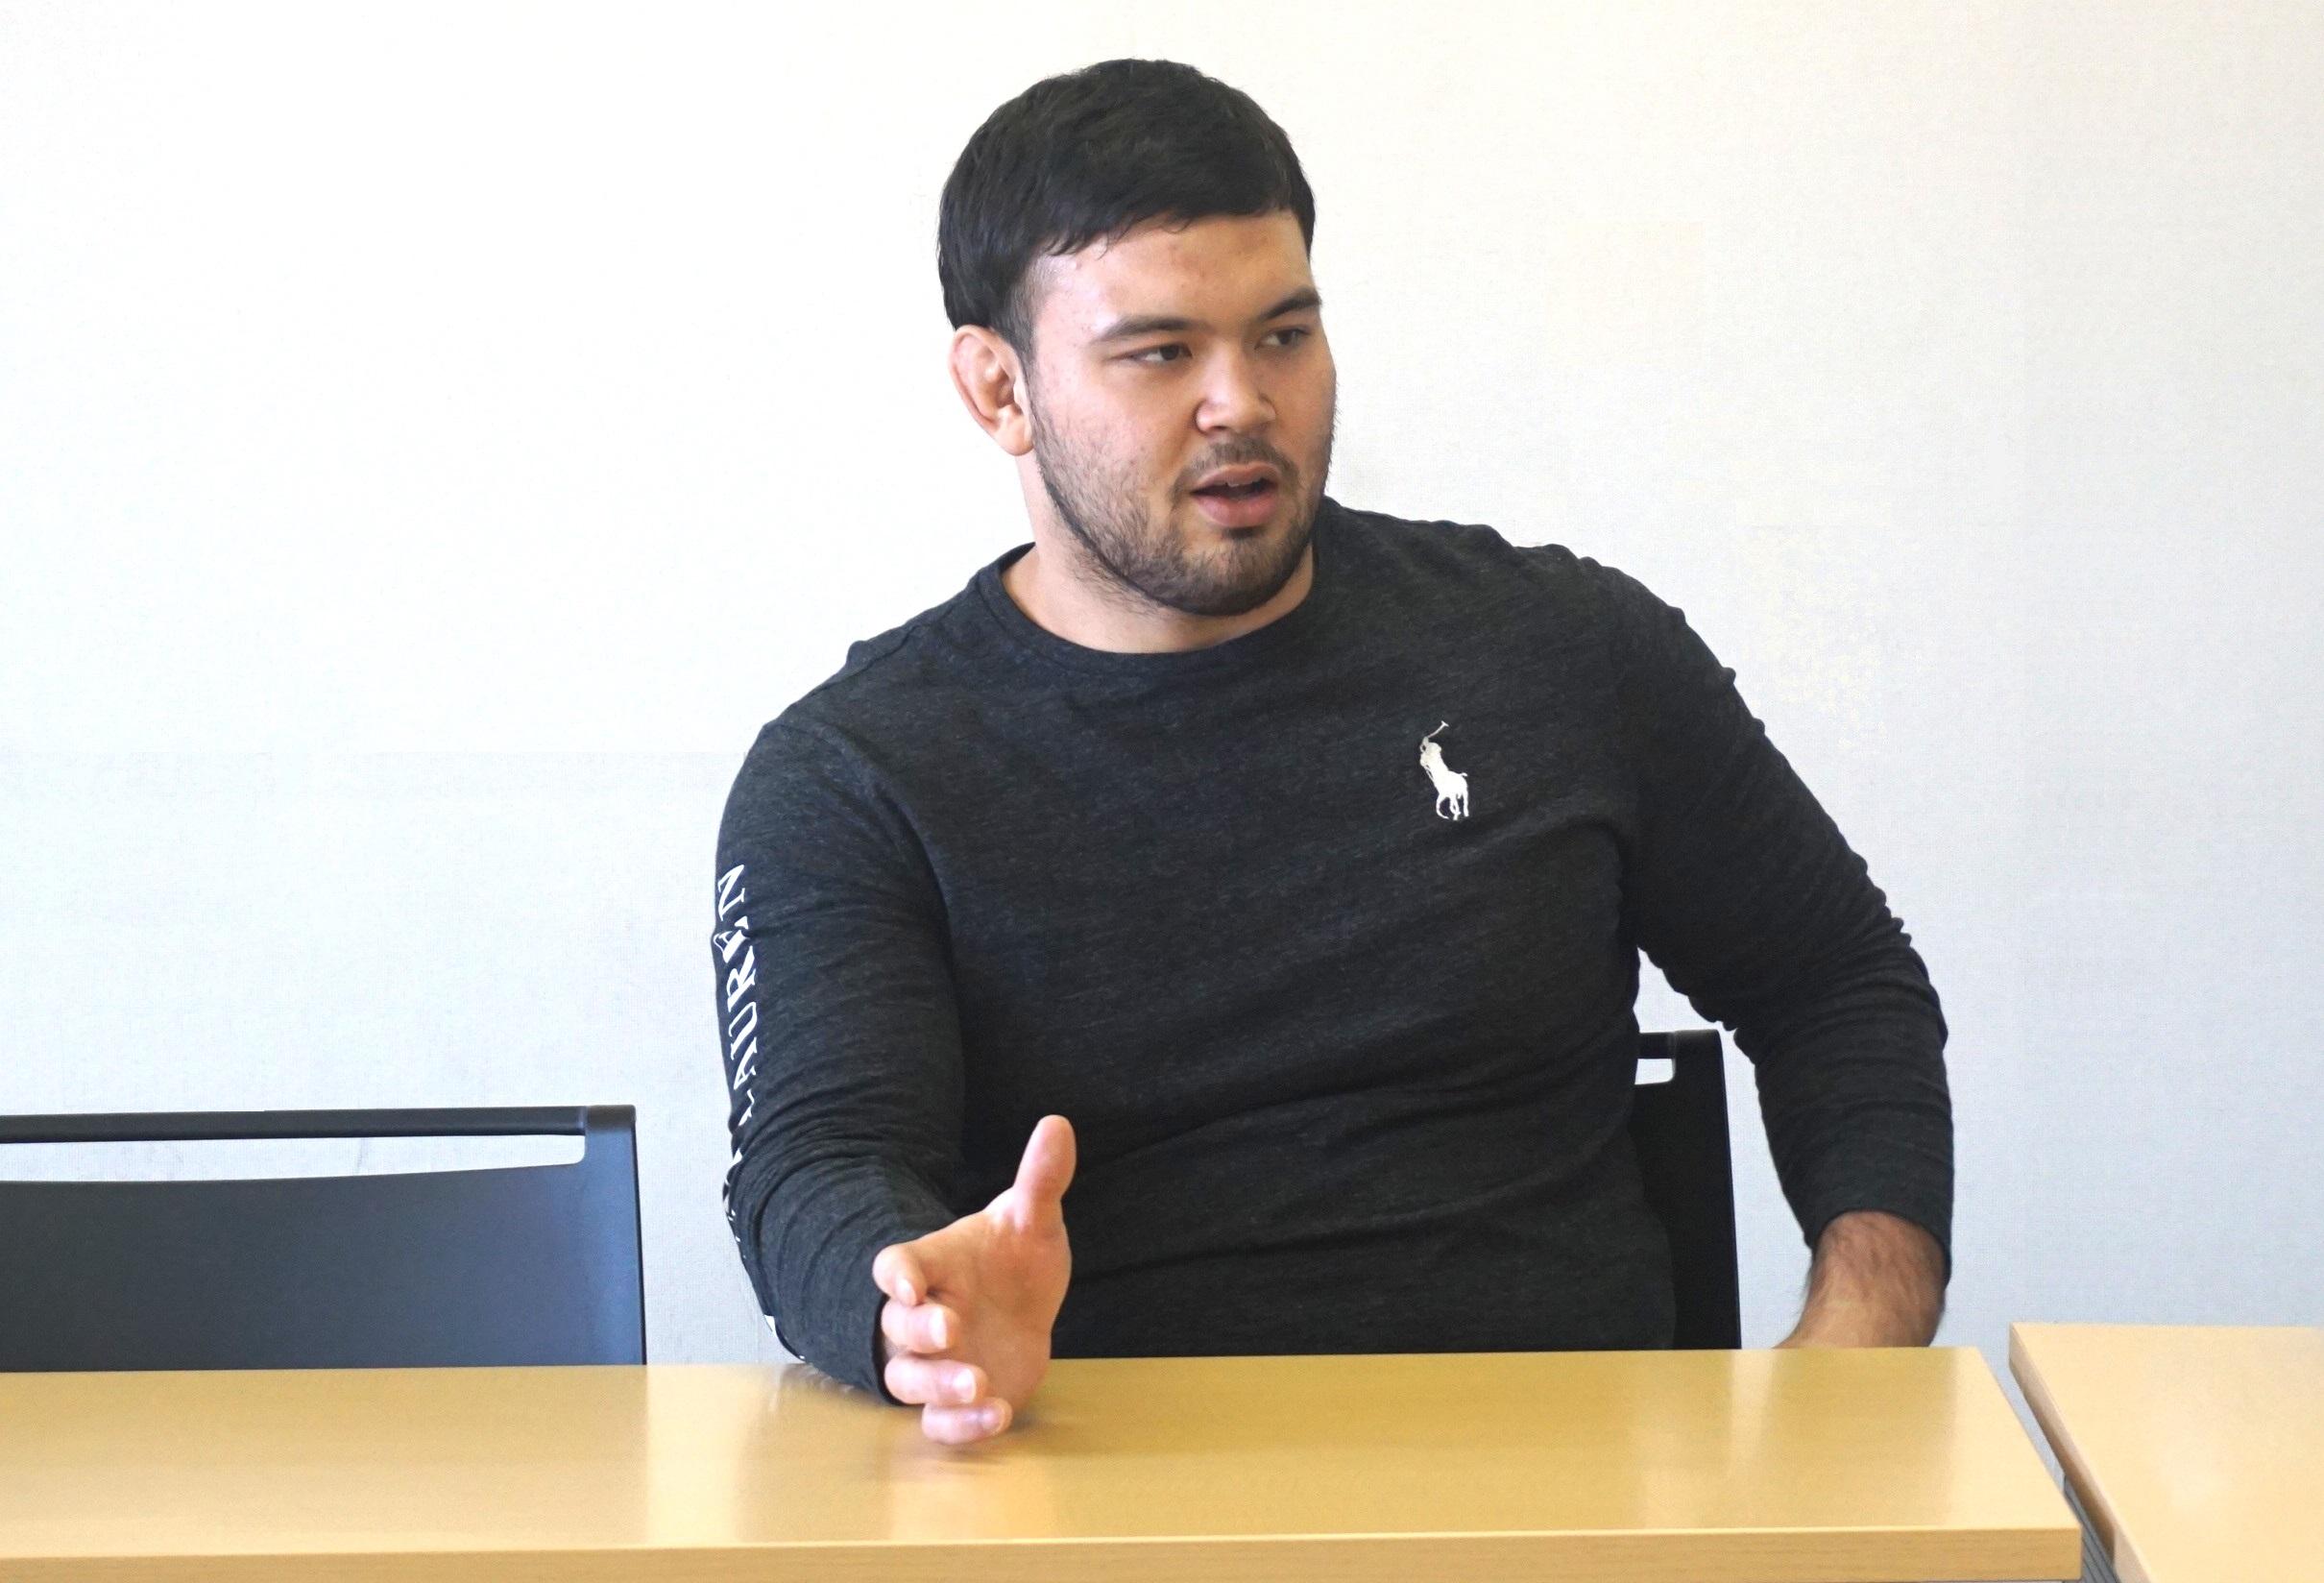 「アメリカン・ビュー」のインタビューで、柔道の魅力を語るウルフ選手